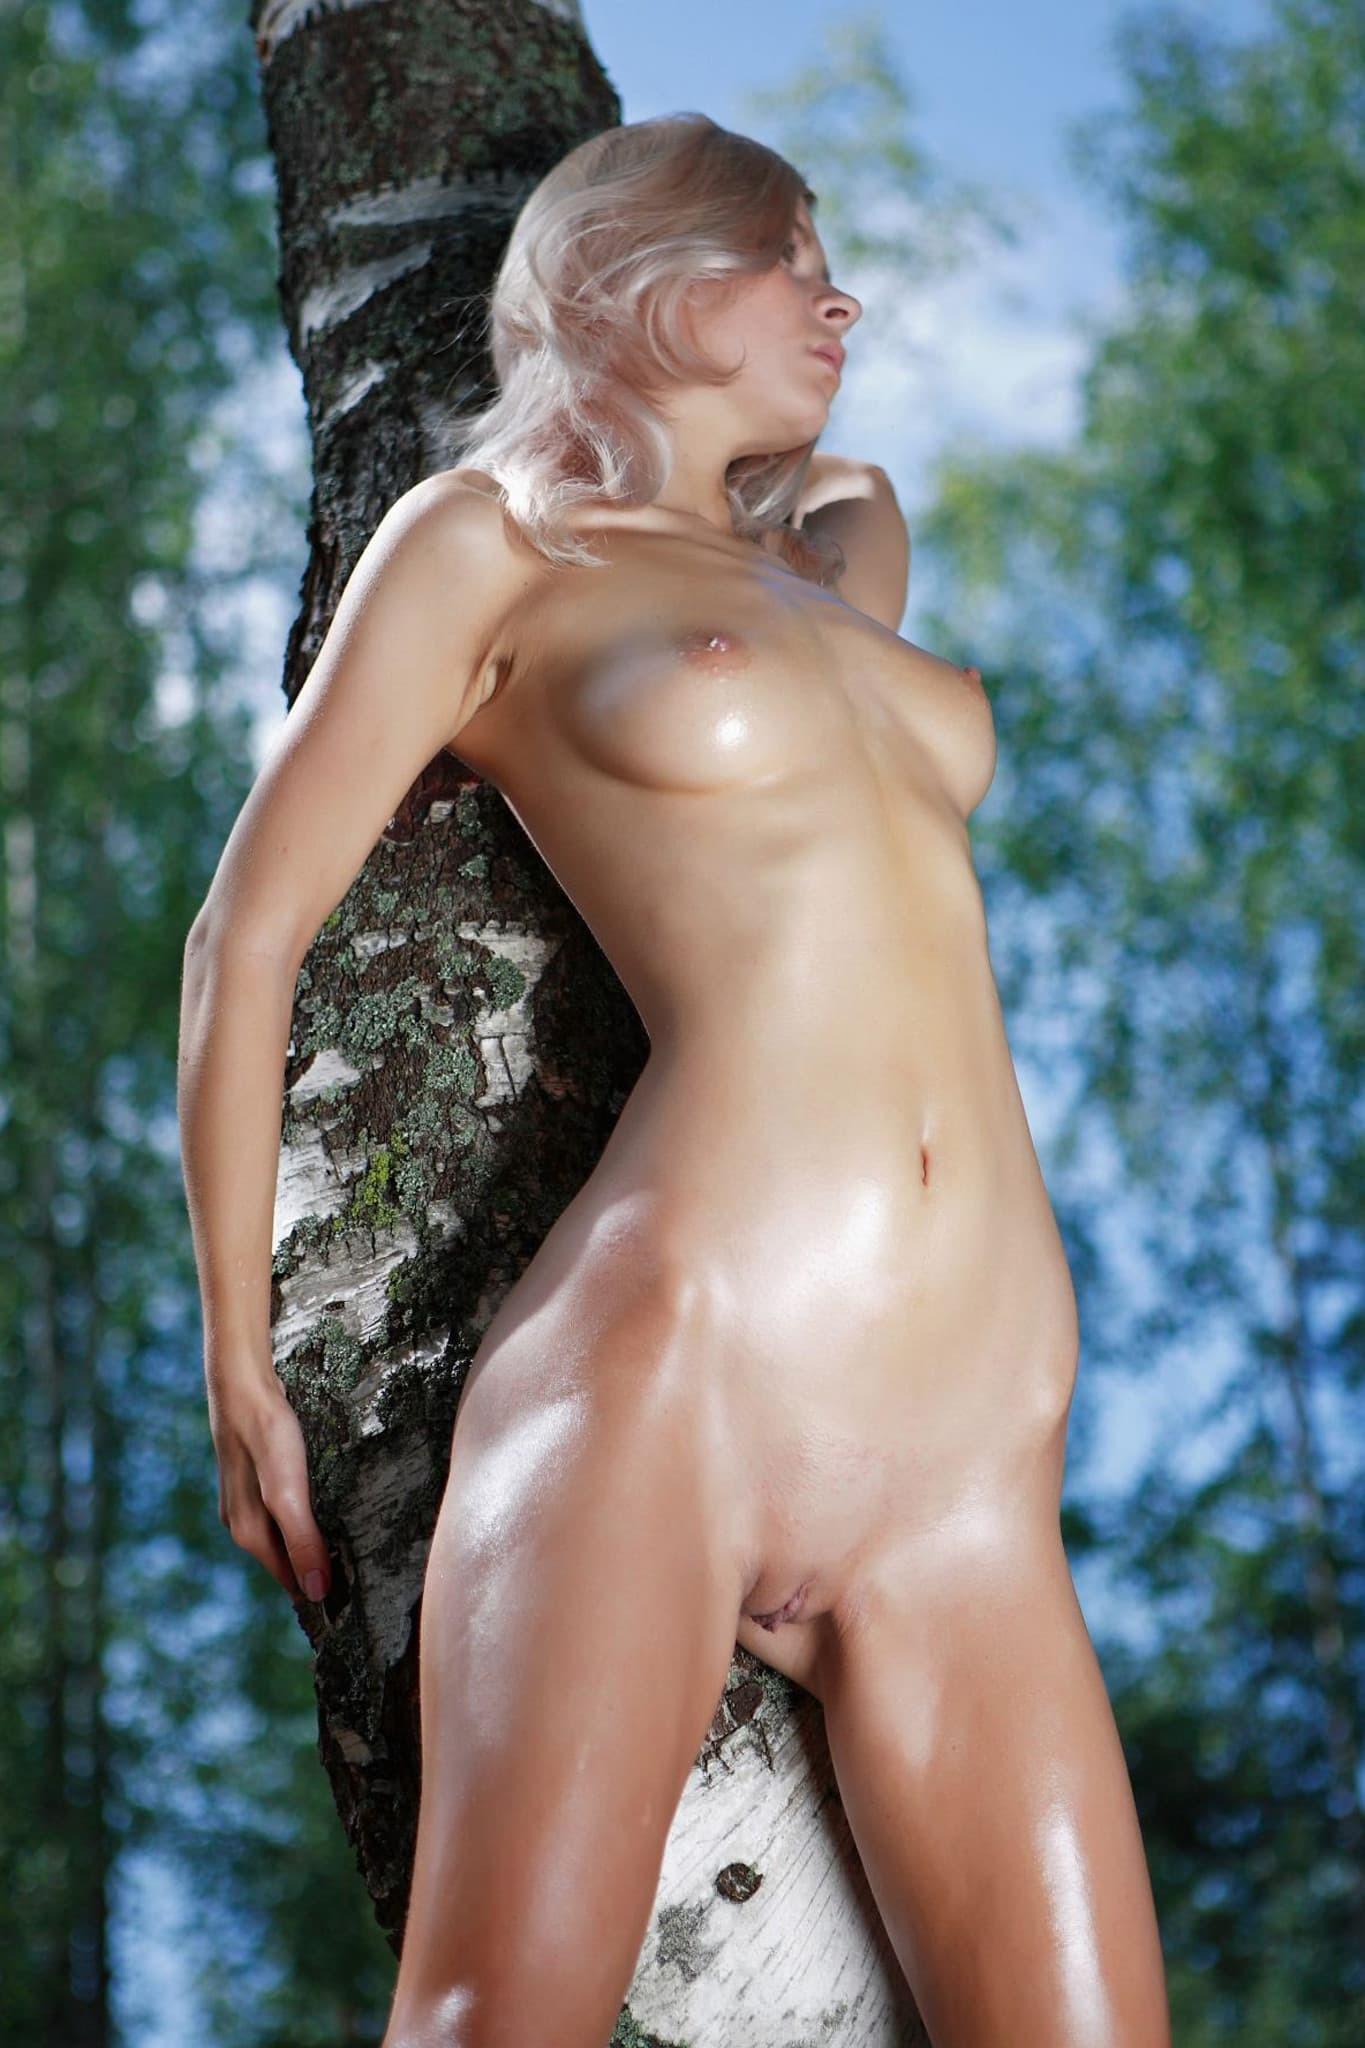 Светловолосая девица позирует в лесу - фото